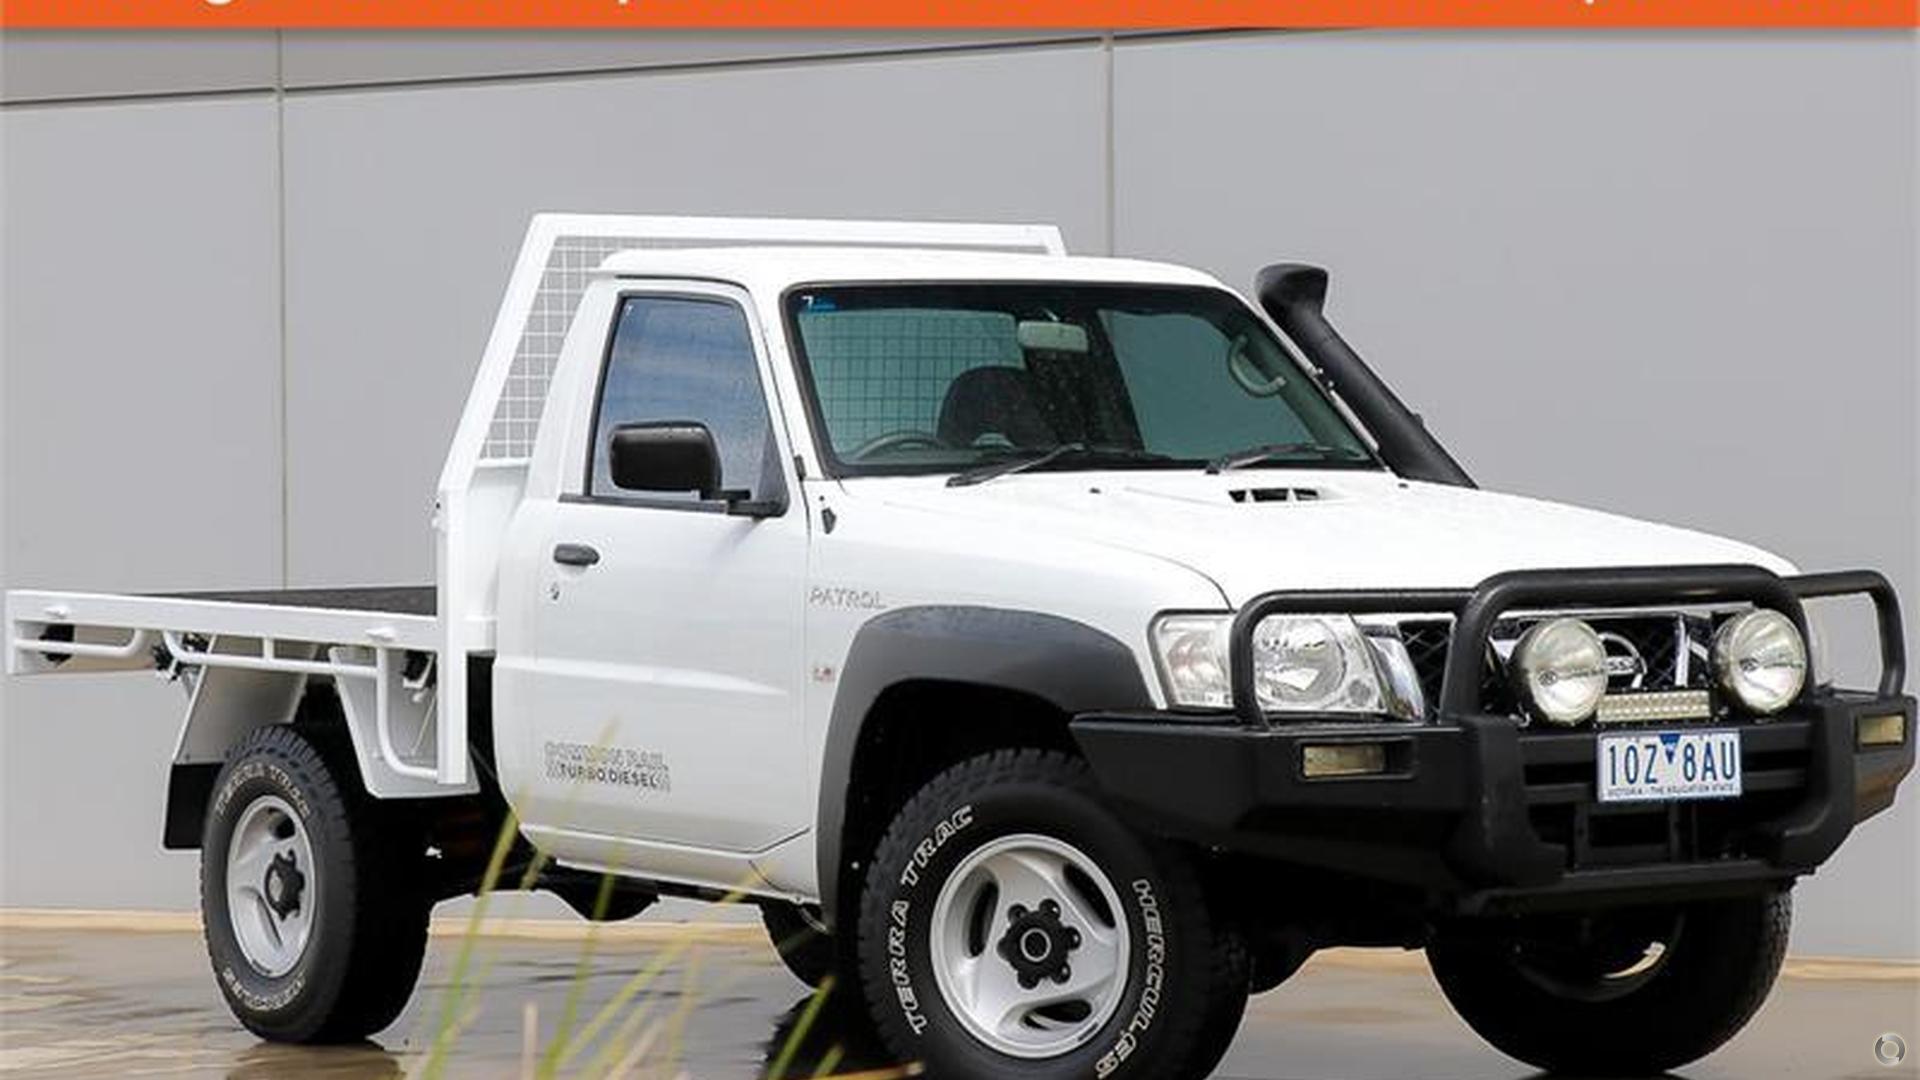 2010 Nissan Patrol GU 6